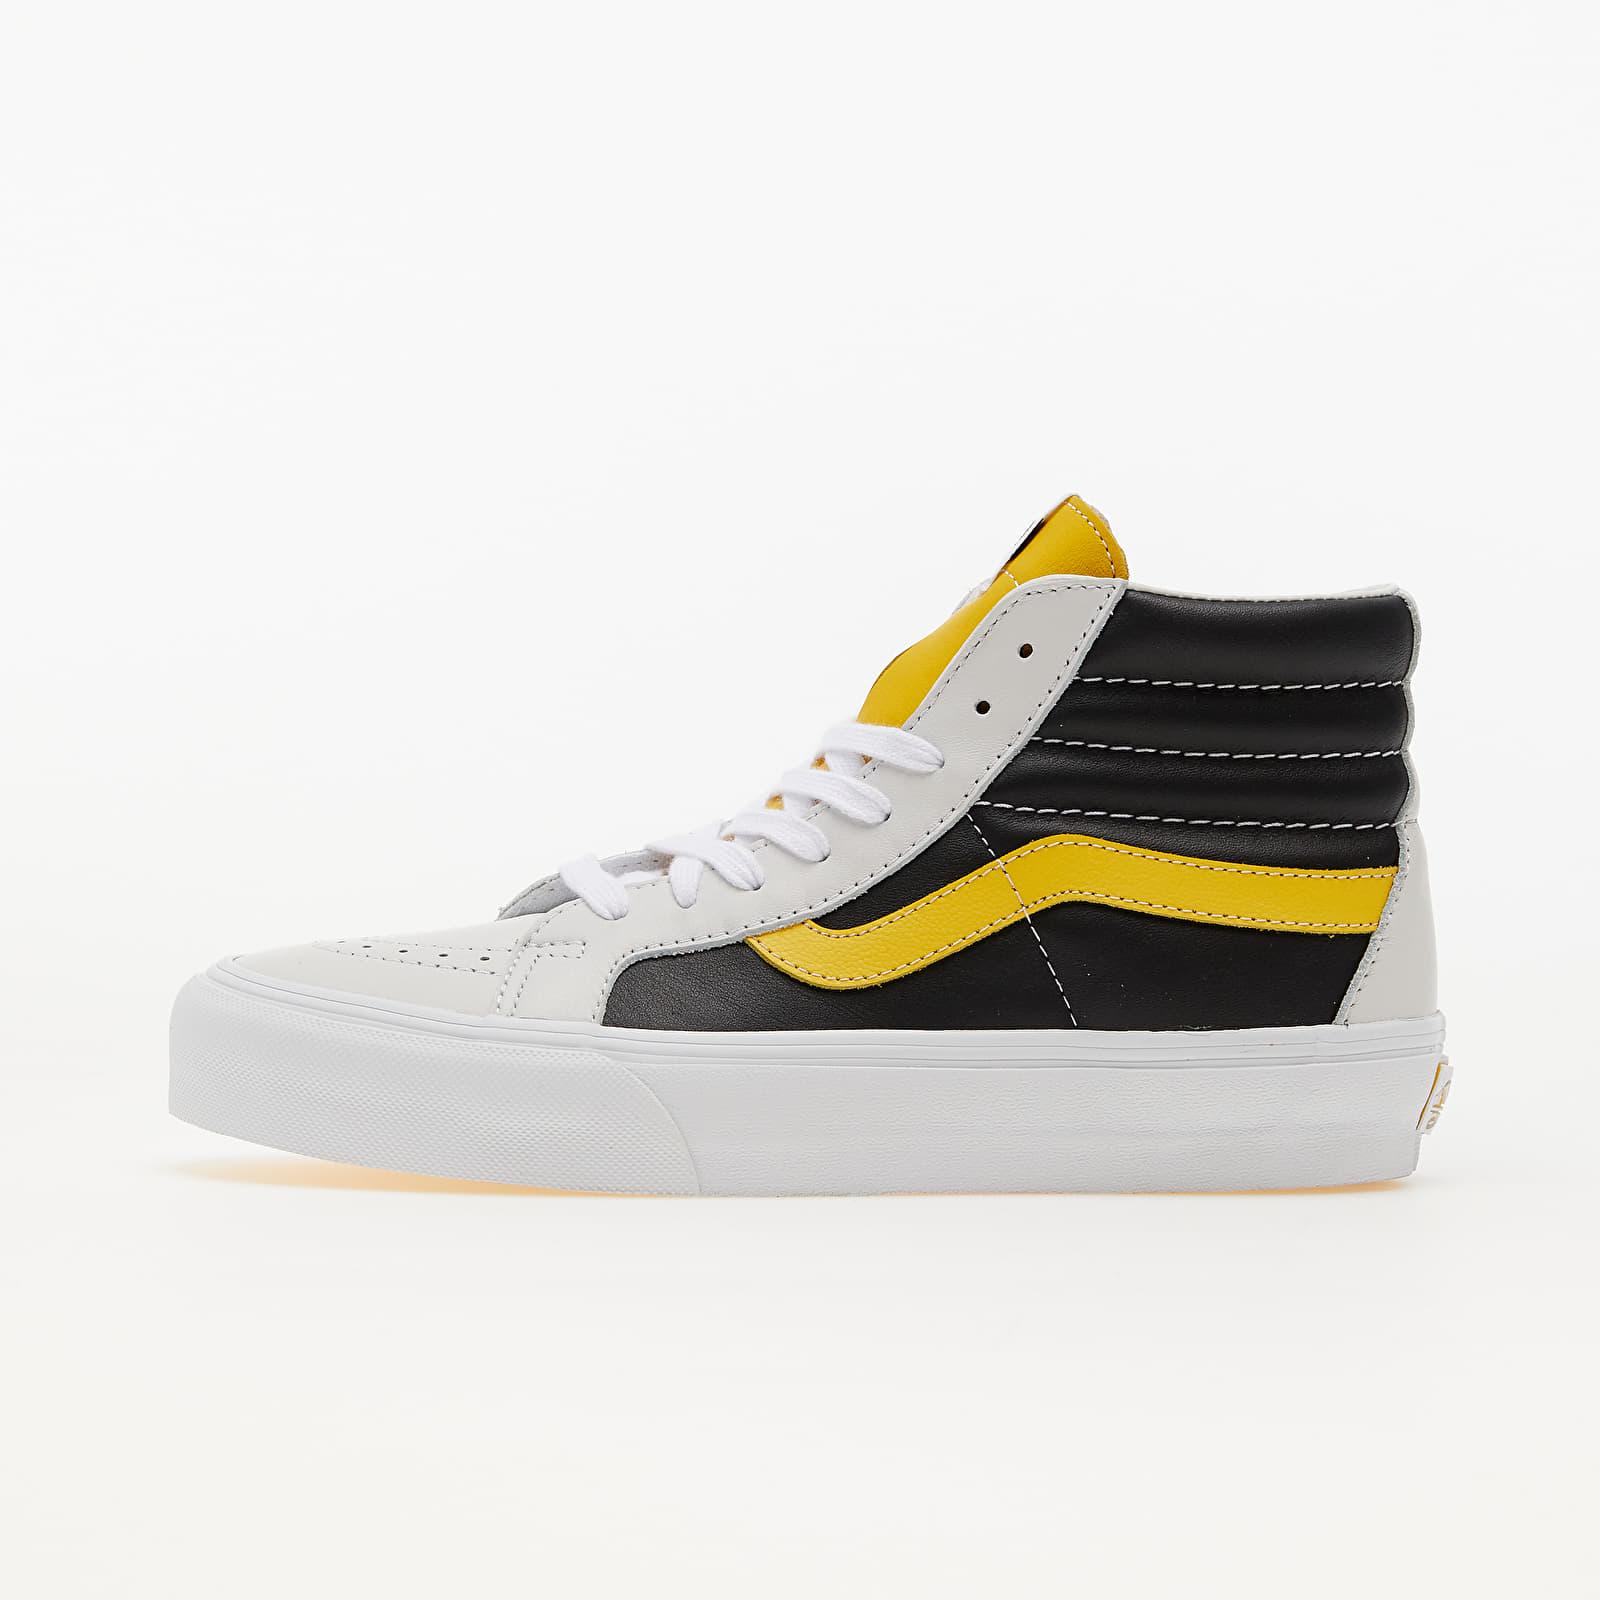 Vans Vault Sk8-Hi Reissue (Leather) White/ Black/ Freesia EUR 43